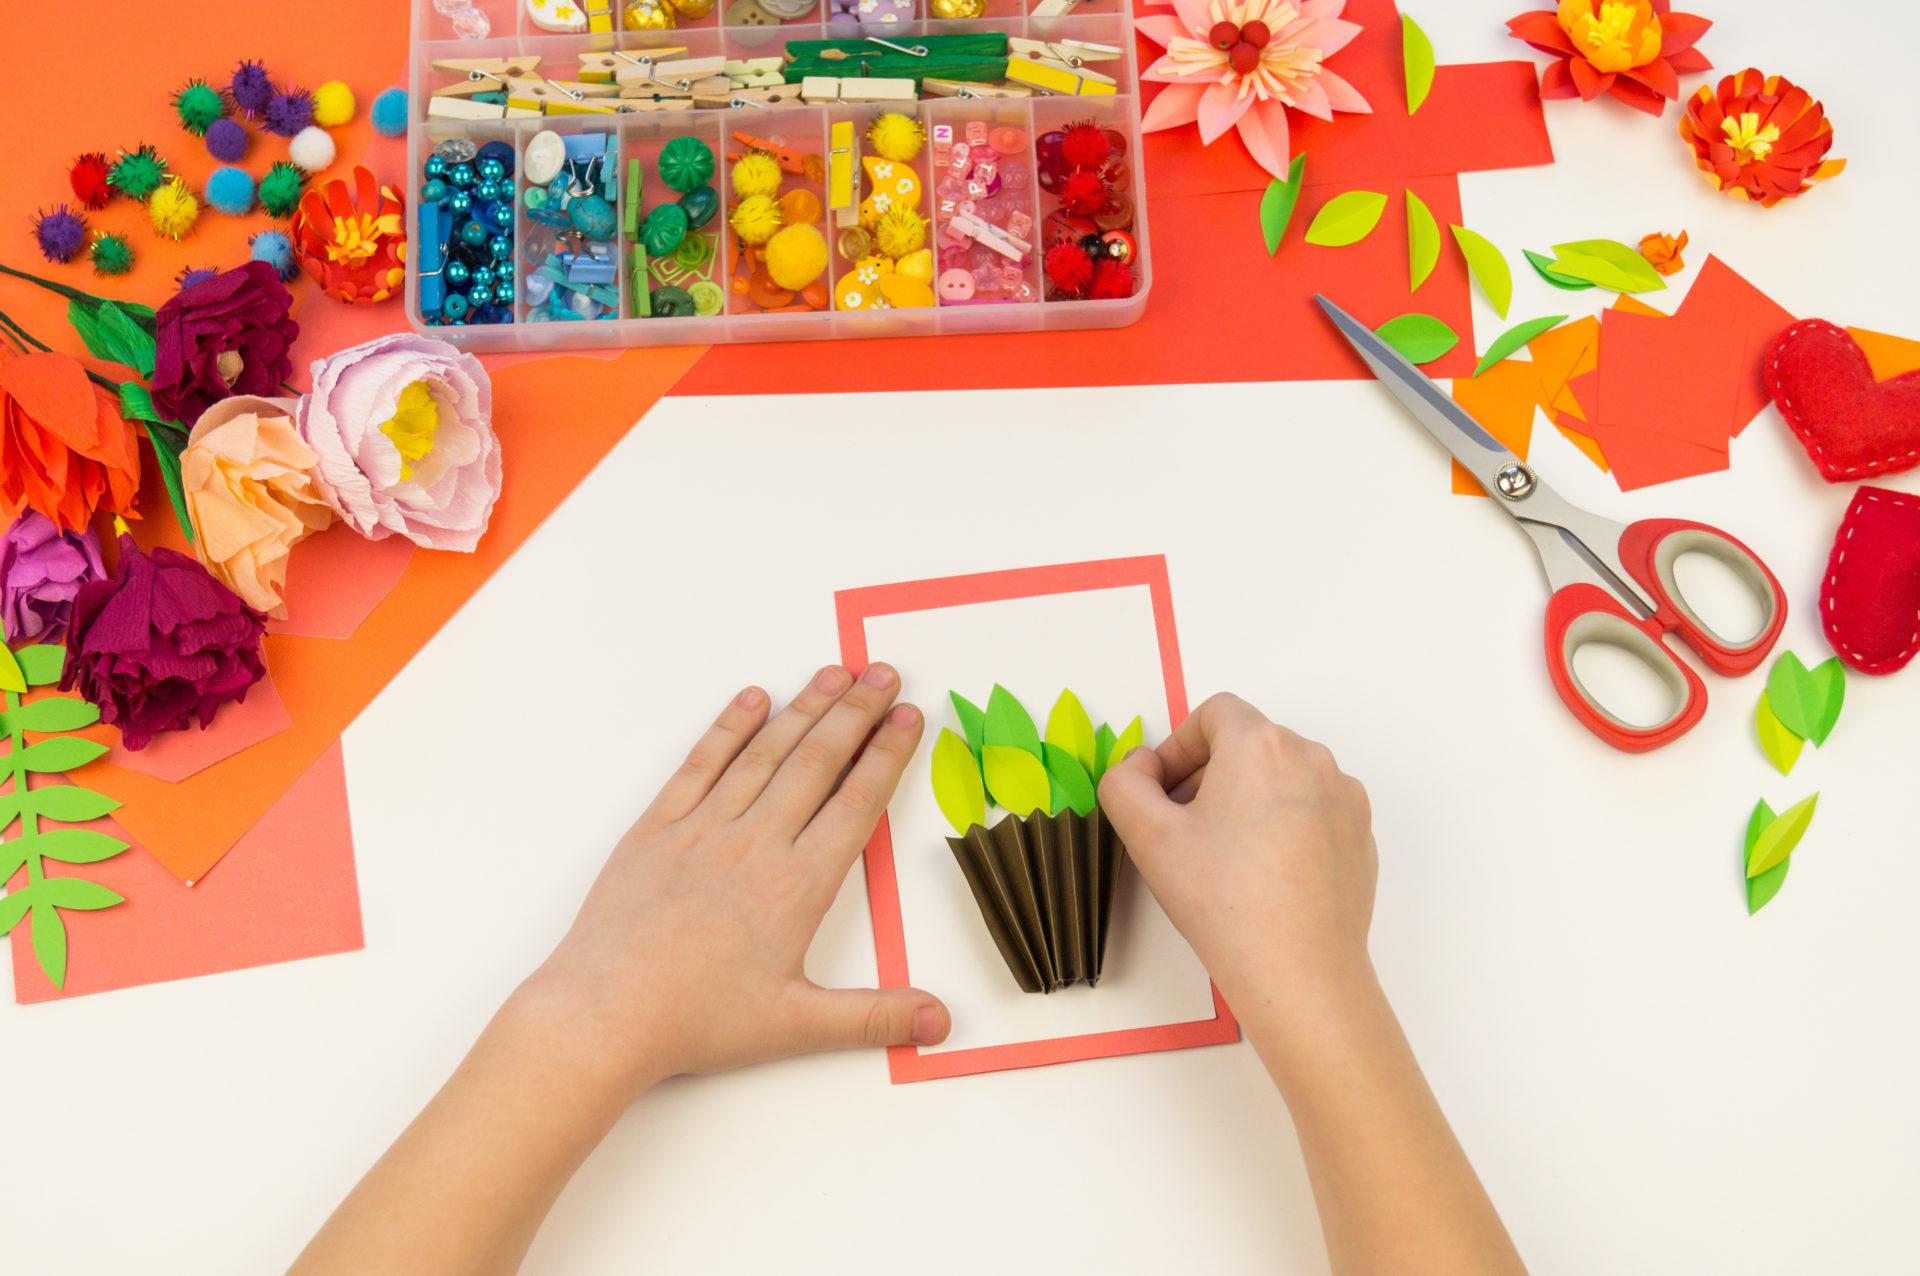 Activités Pour Enfant Pour Le Printemps ; Loisirs Creatifs concernant Activité Manuelle Pour Petit